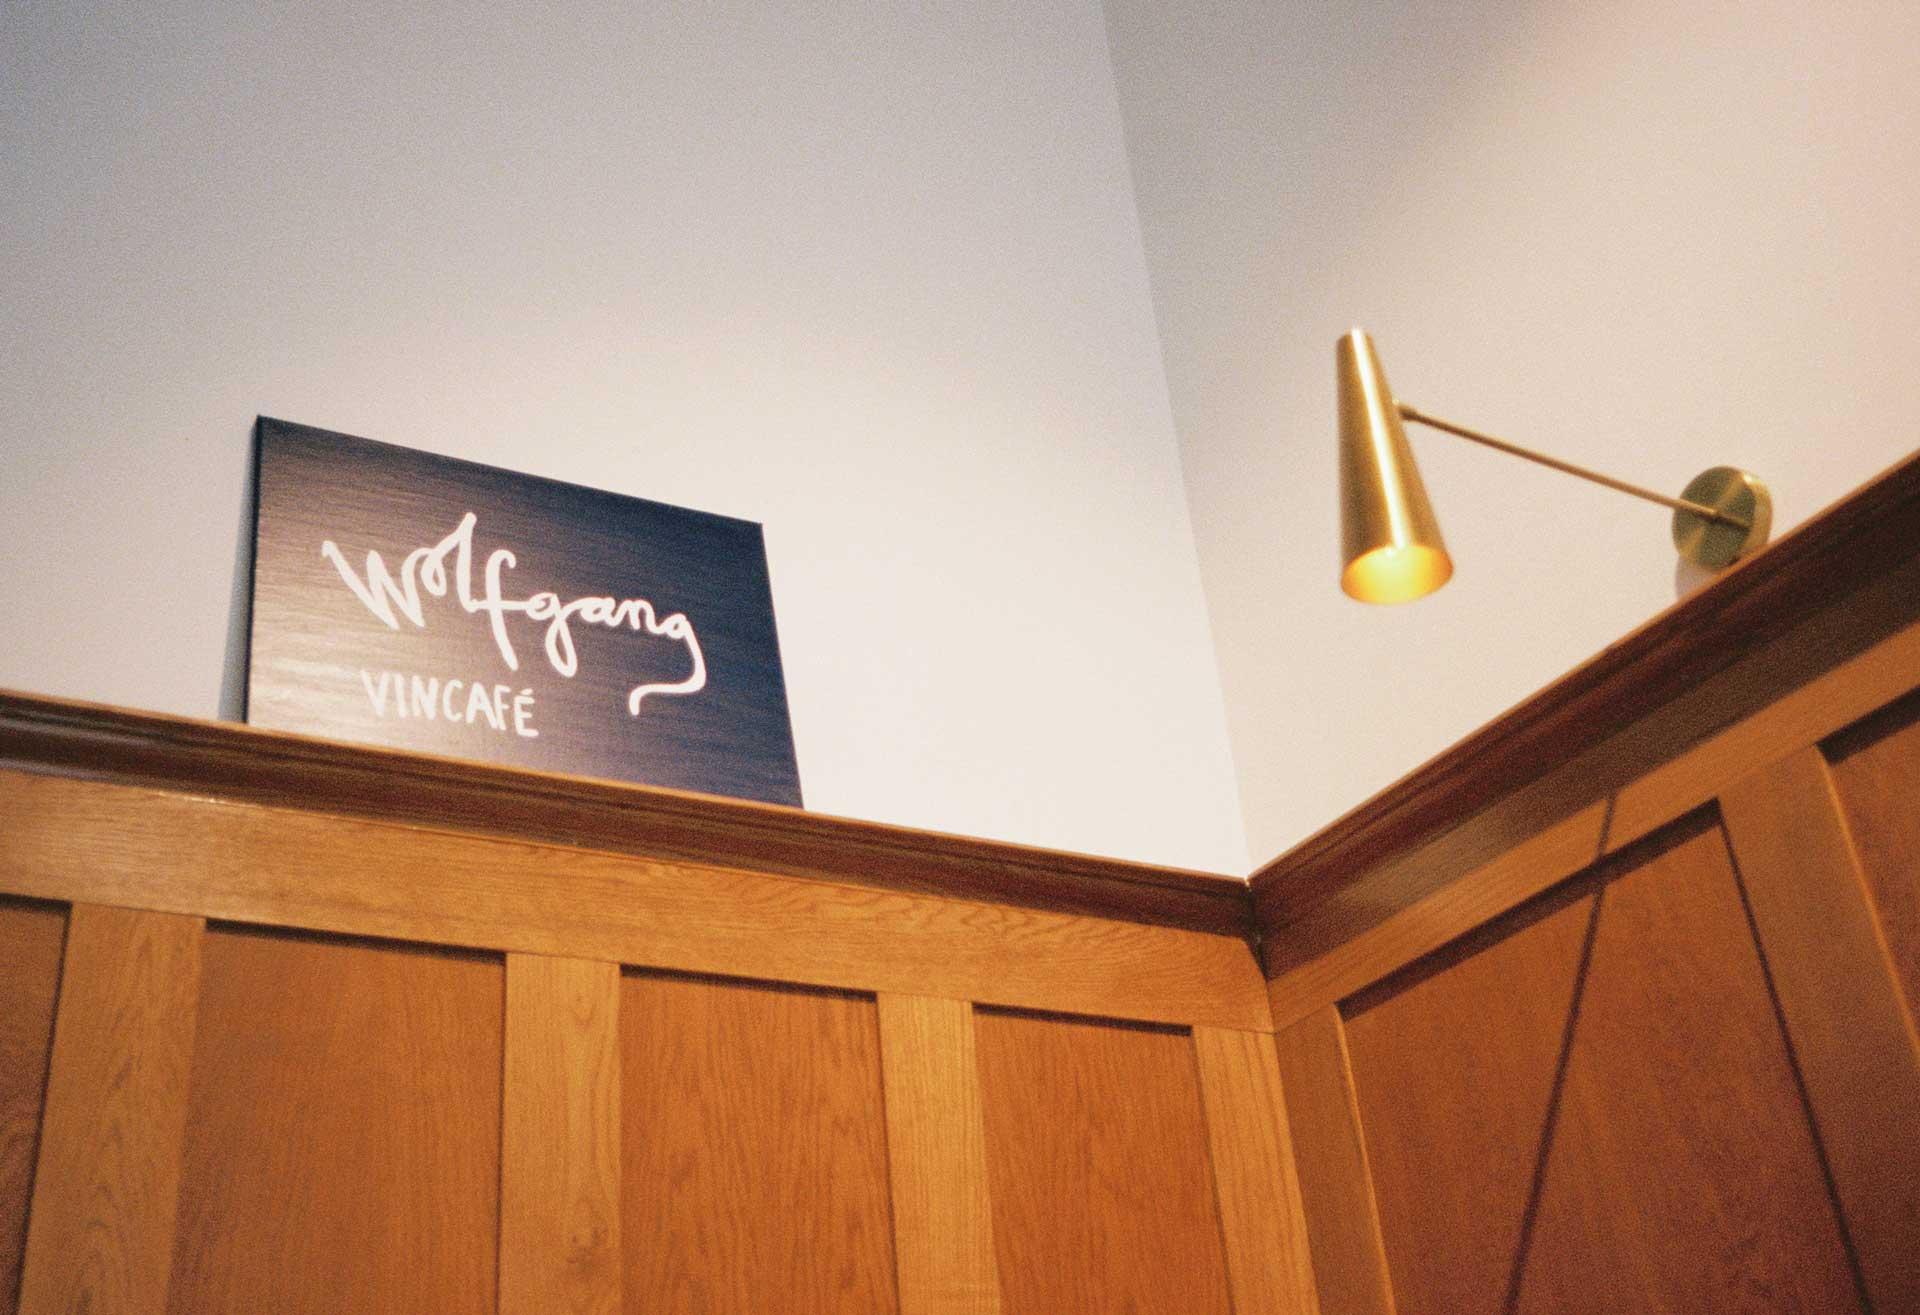 wolfgang_vincafe_sign